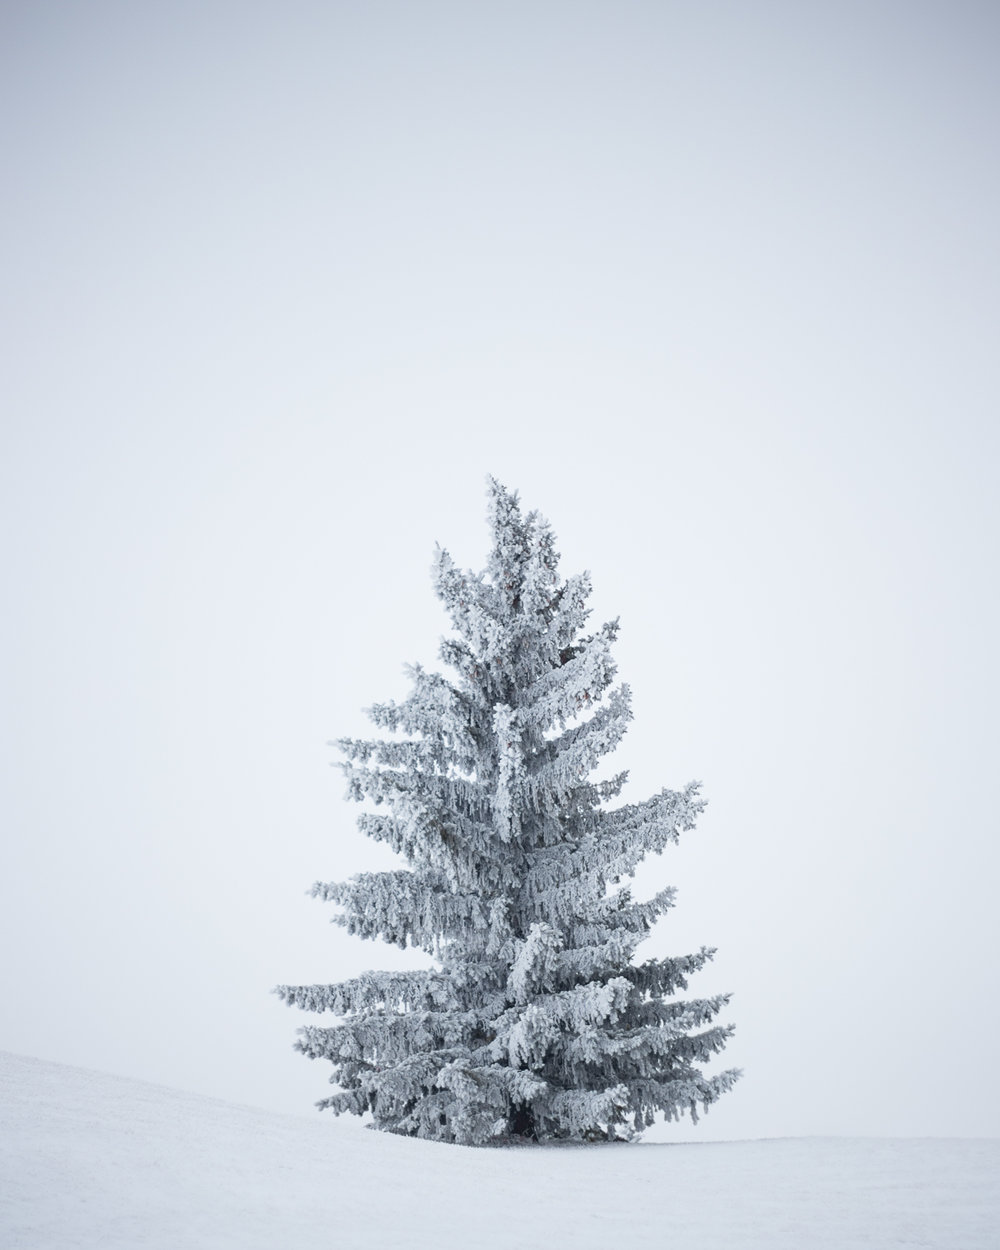 Winter Walks - December 1